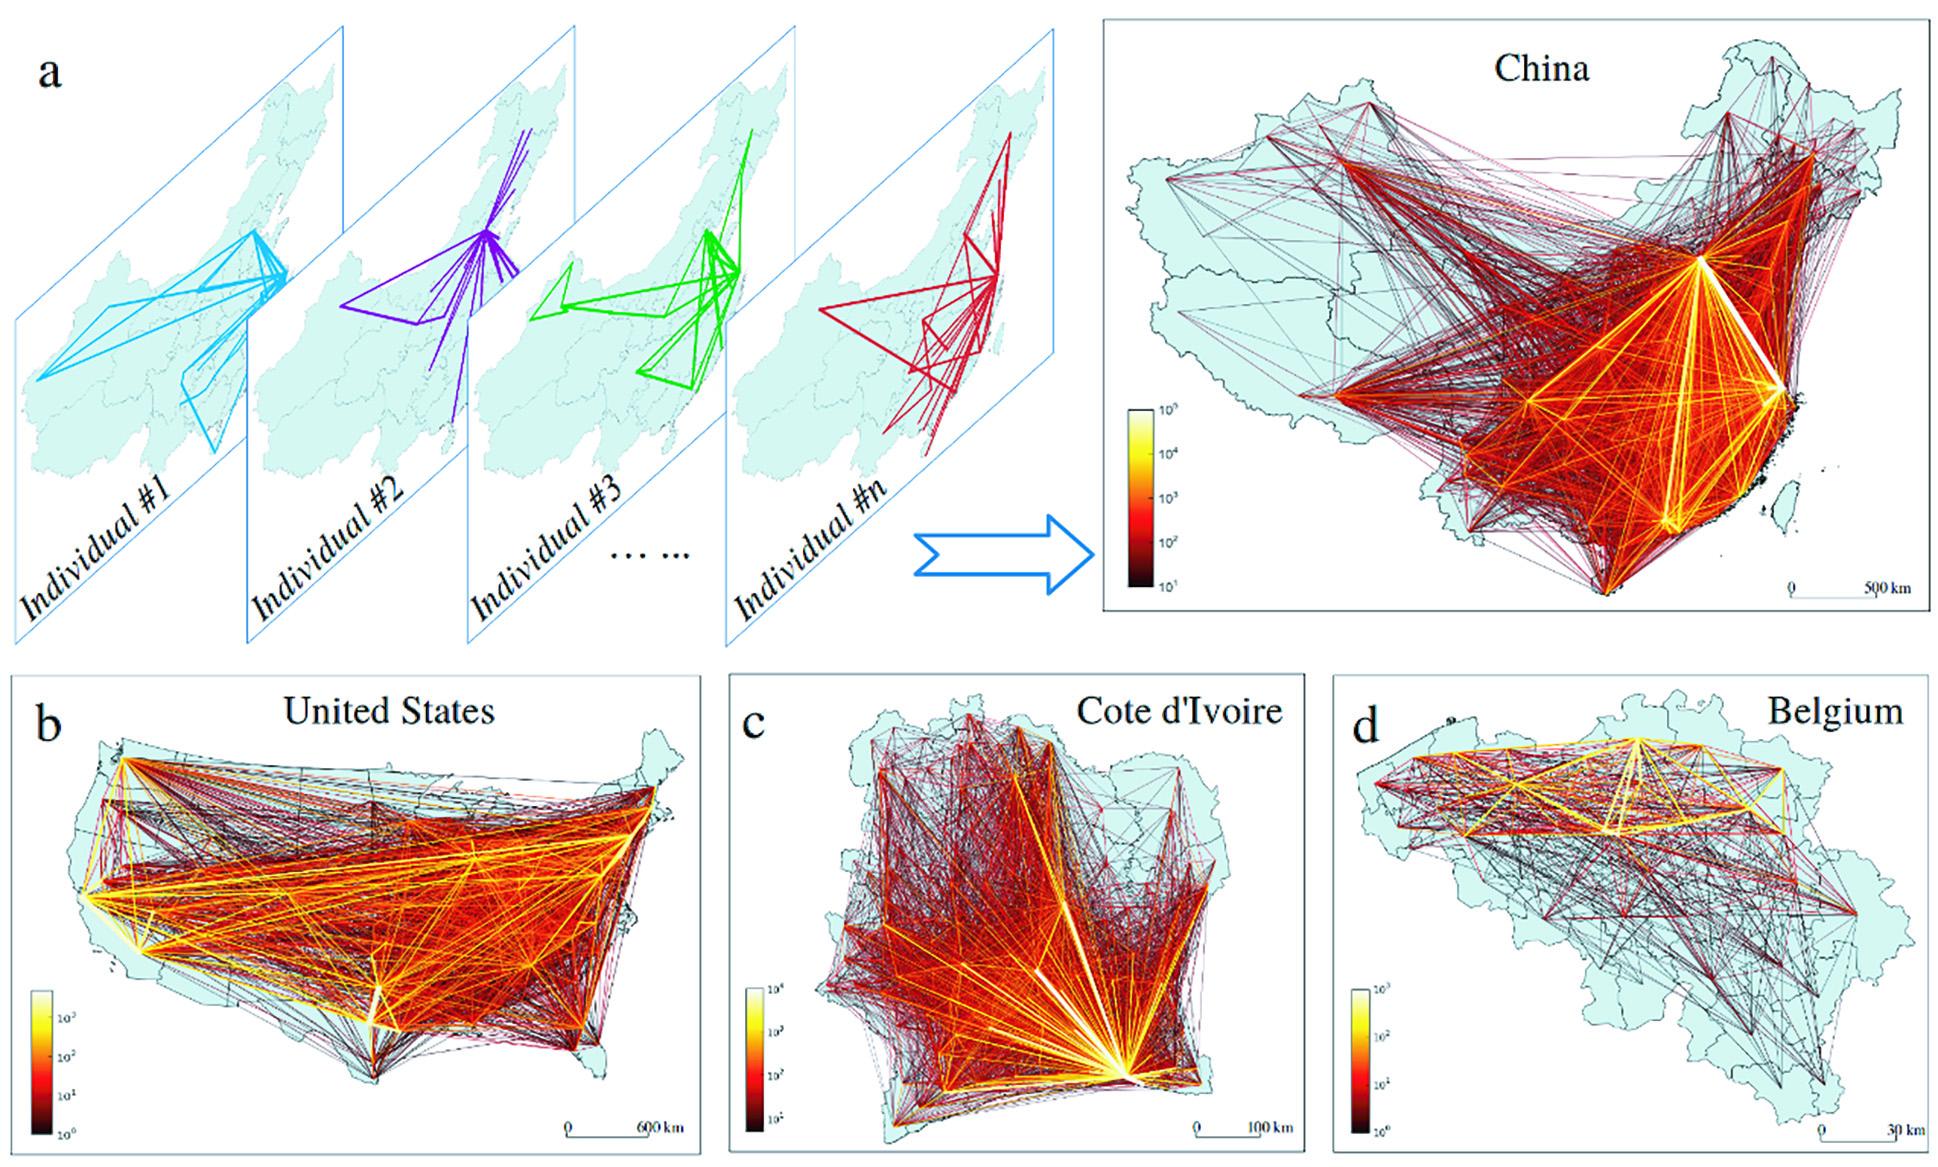 ASU Professor Ying-Cheng Lai human mobility research